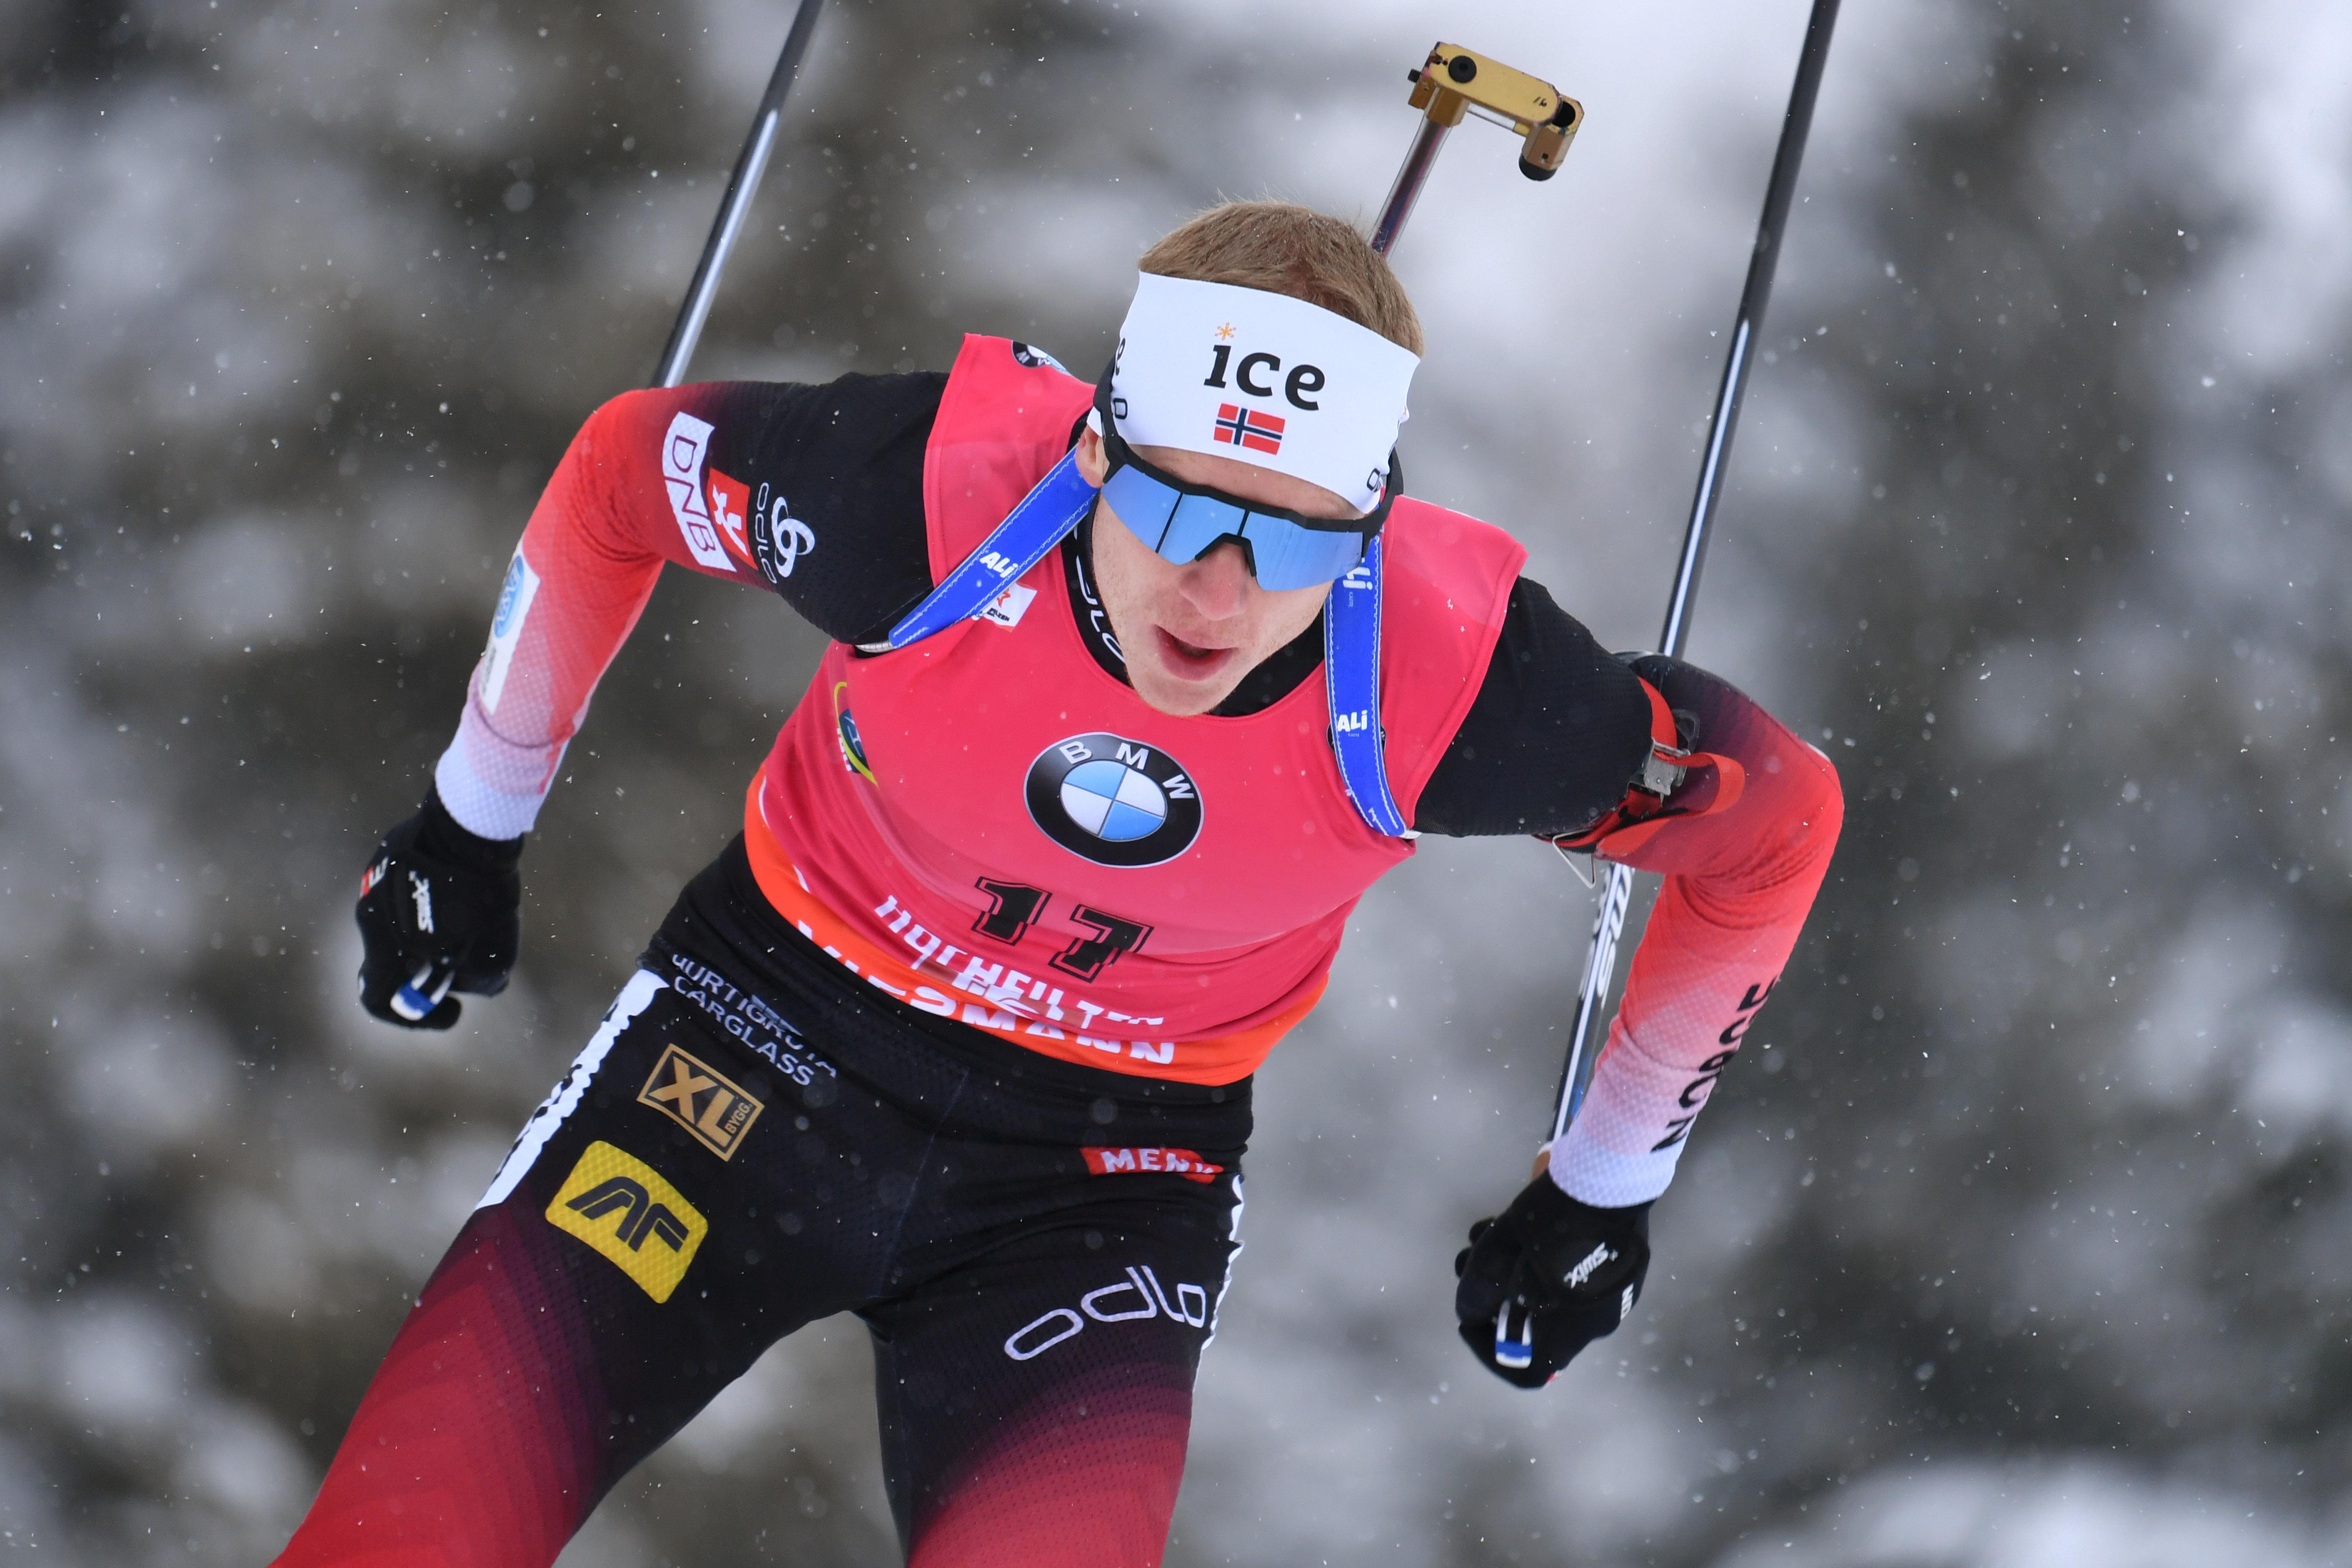 Biathlon : Johannes Boe sur son nuage, les Bleus trustent le Top 10